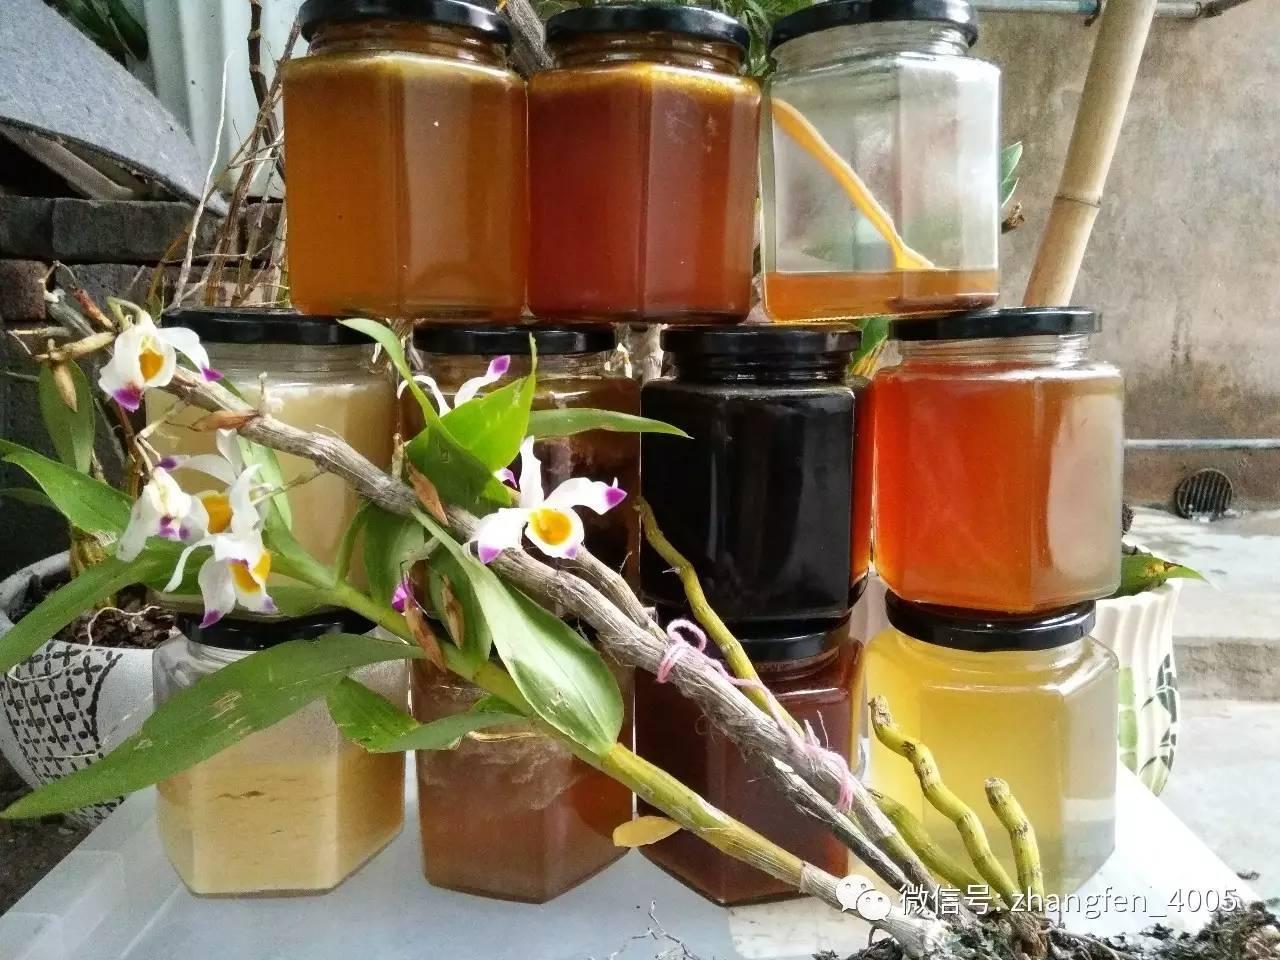 蜂蜜治疗妇科病的偏方 蜂蜜是什么颜色的 怎样做柠檬蜂蜜 农场蜂蜜怎么获得 comvita康维他麦卢卡蜂蜜